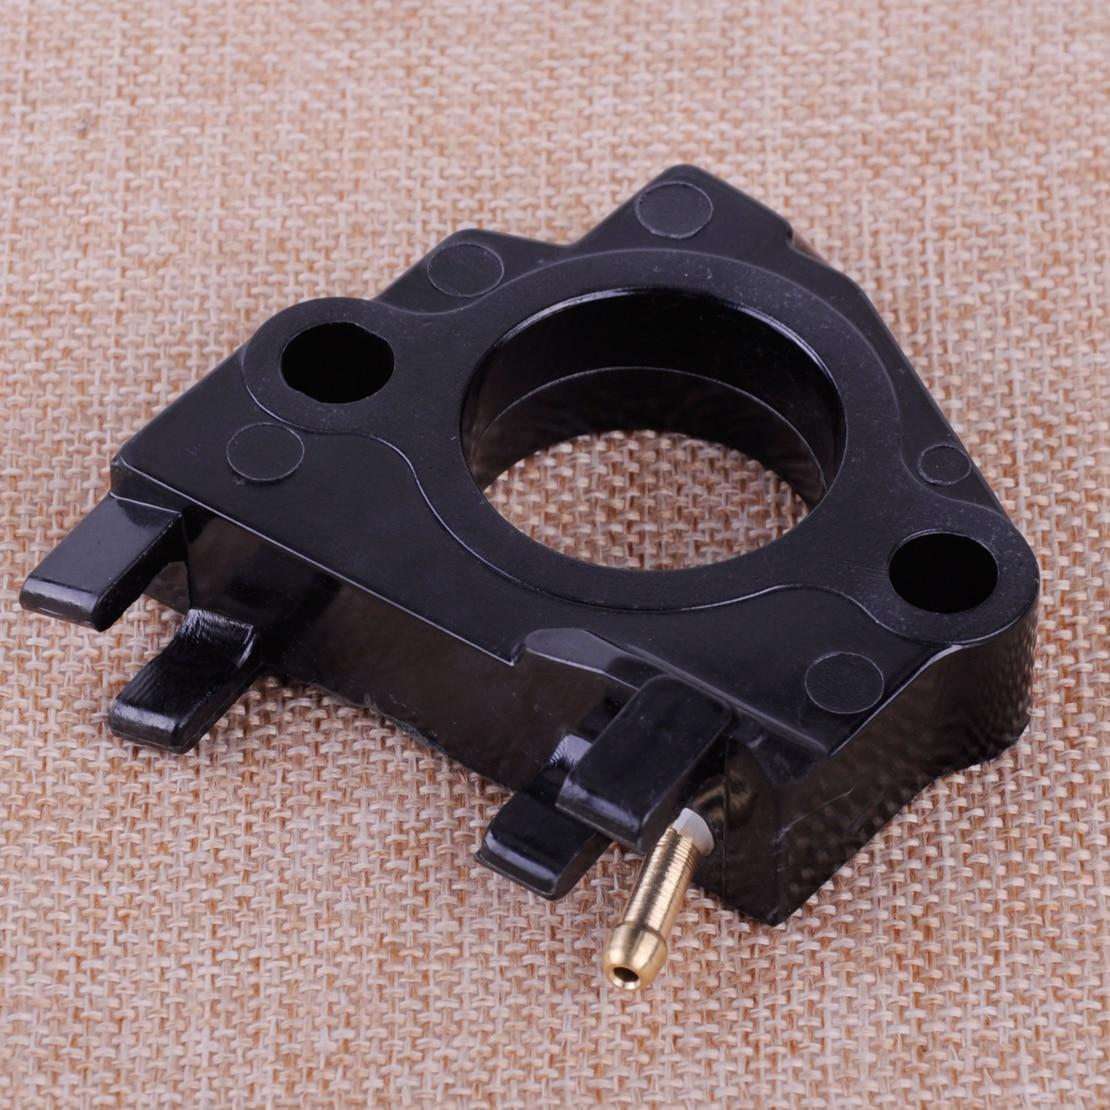 LETAOSK New Black Carb Carburetor Insulator Spacer Fit For Honda GX340 GX390 11Hp 13Hp